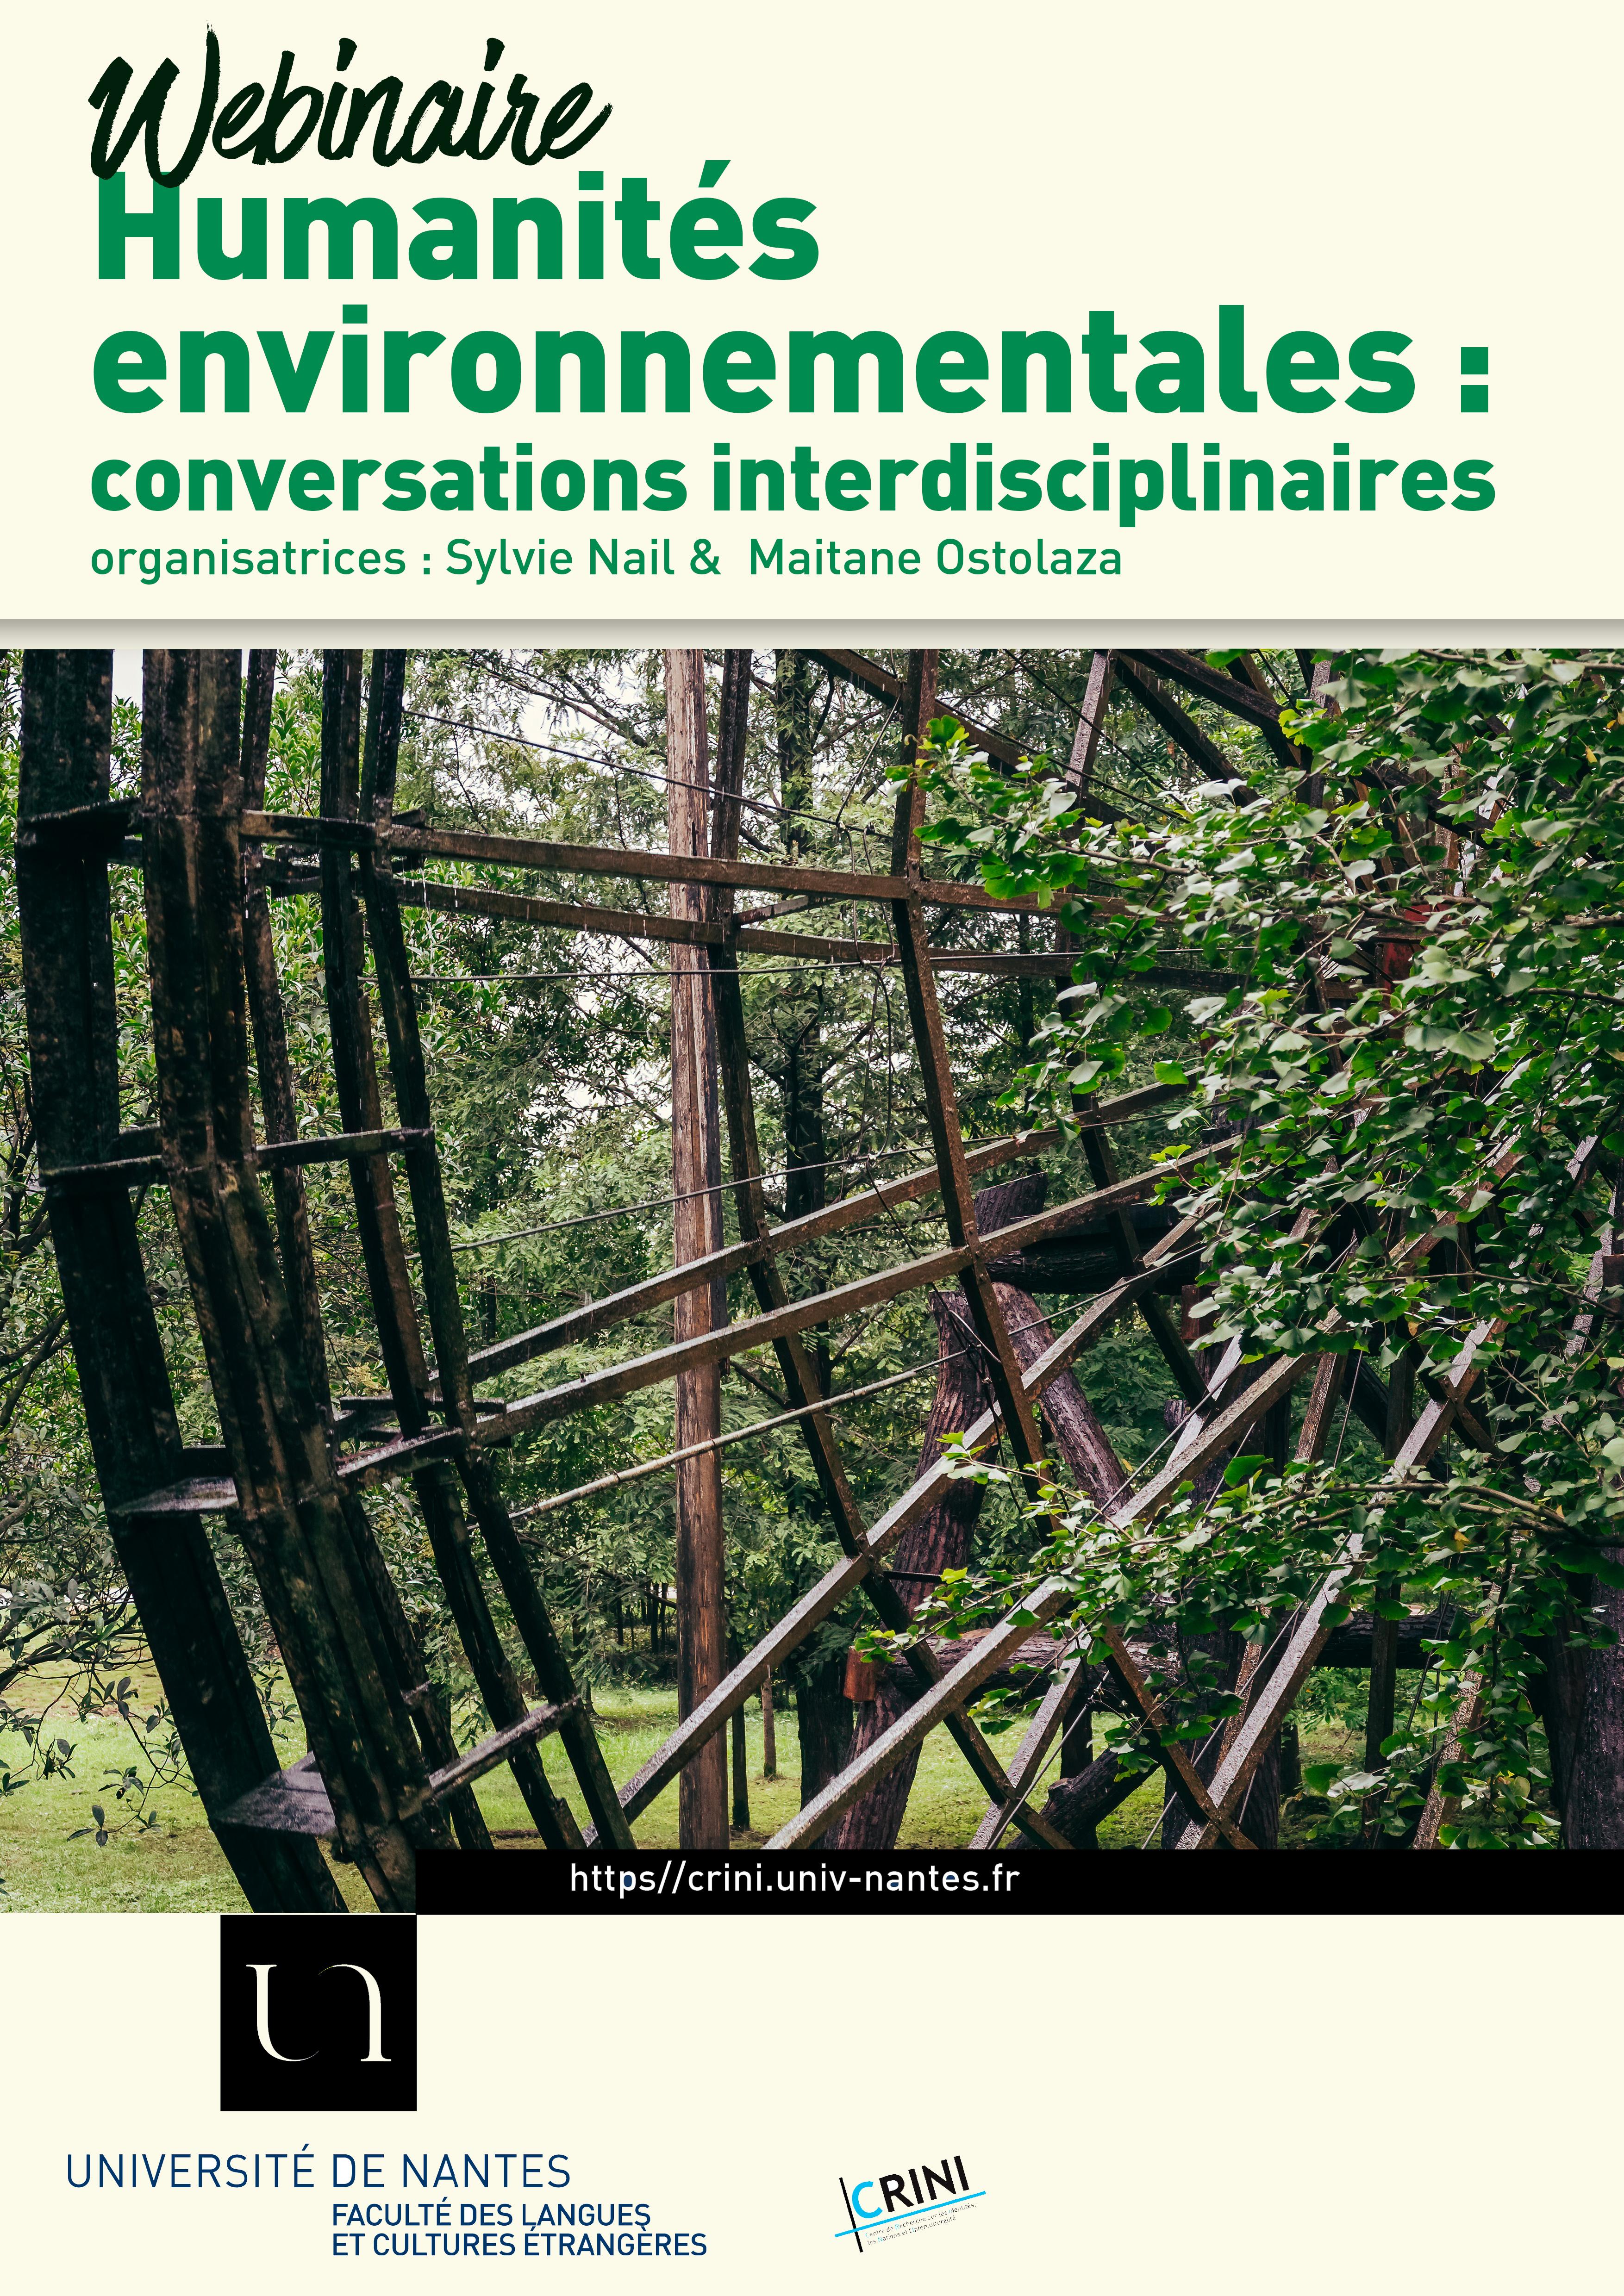 humanités environnementales affiche webinaire